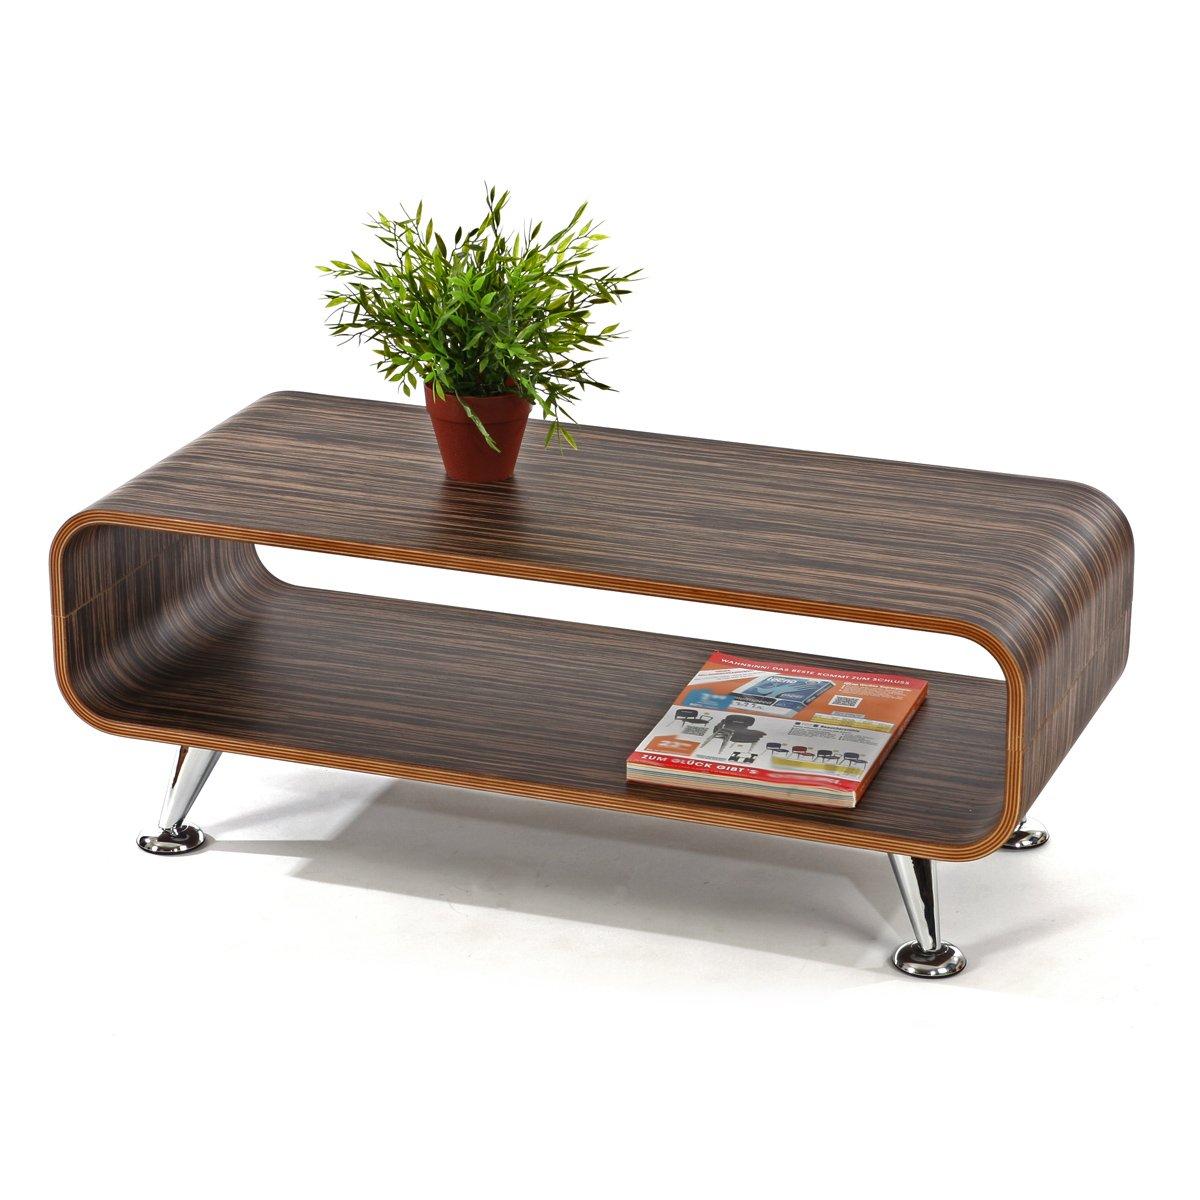 Club Couchtisch dunkel Retro Lounge Wohnzimmertisch Loungetisch 70 er Holz gestreift